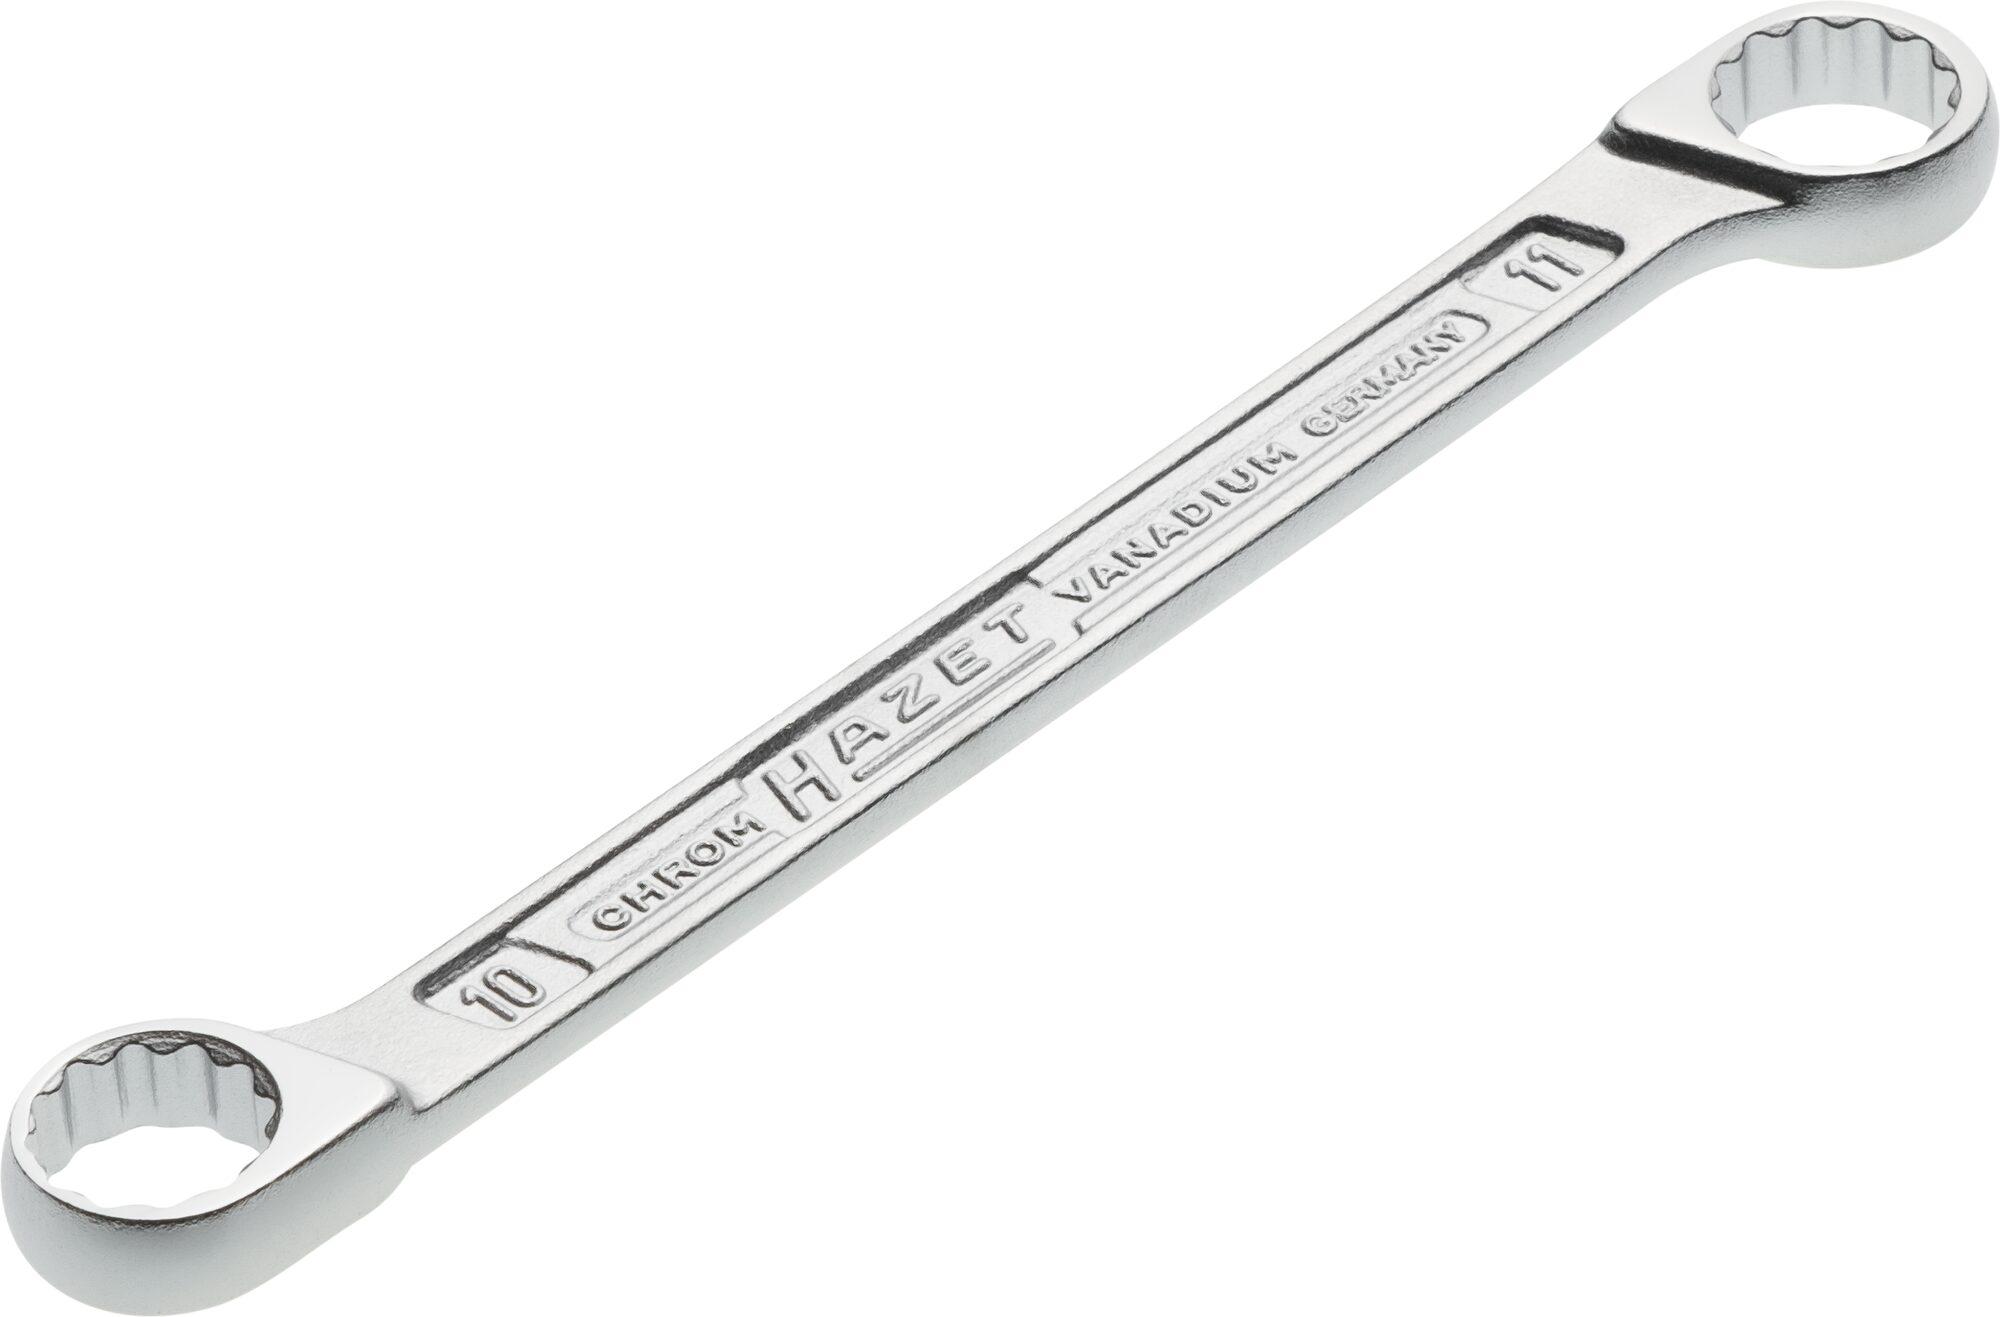 HAZET Doppel-Ringschlüssel 610N-10X11 ∙ Außen-Doppel-Sechskant-Tractionsprofil ∙ 10 x 11 mm